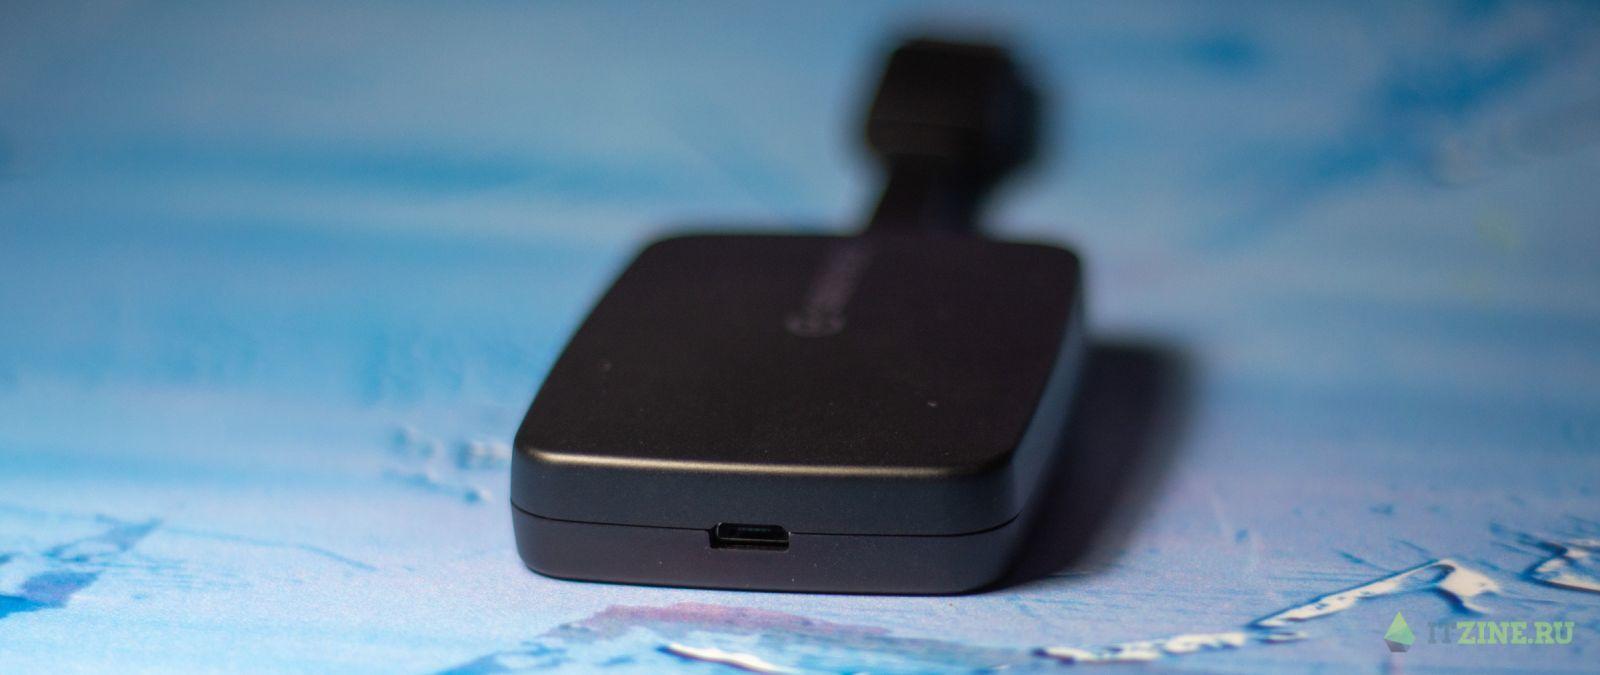 Обзор SberBox: три ассистента для одного телевизора (DSC 9708)